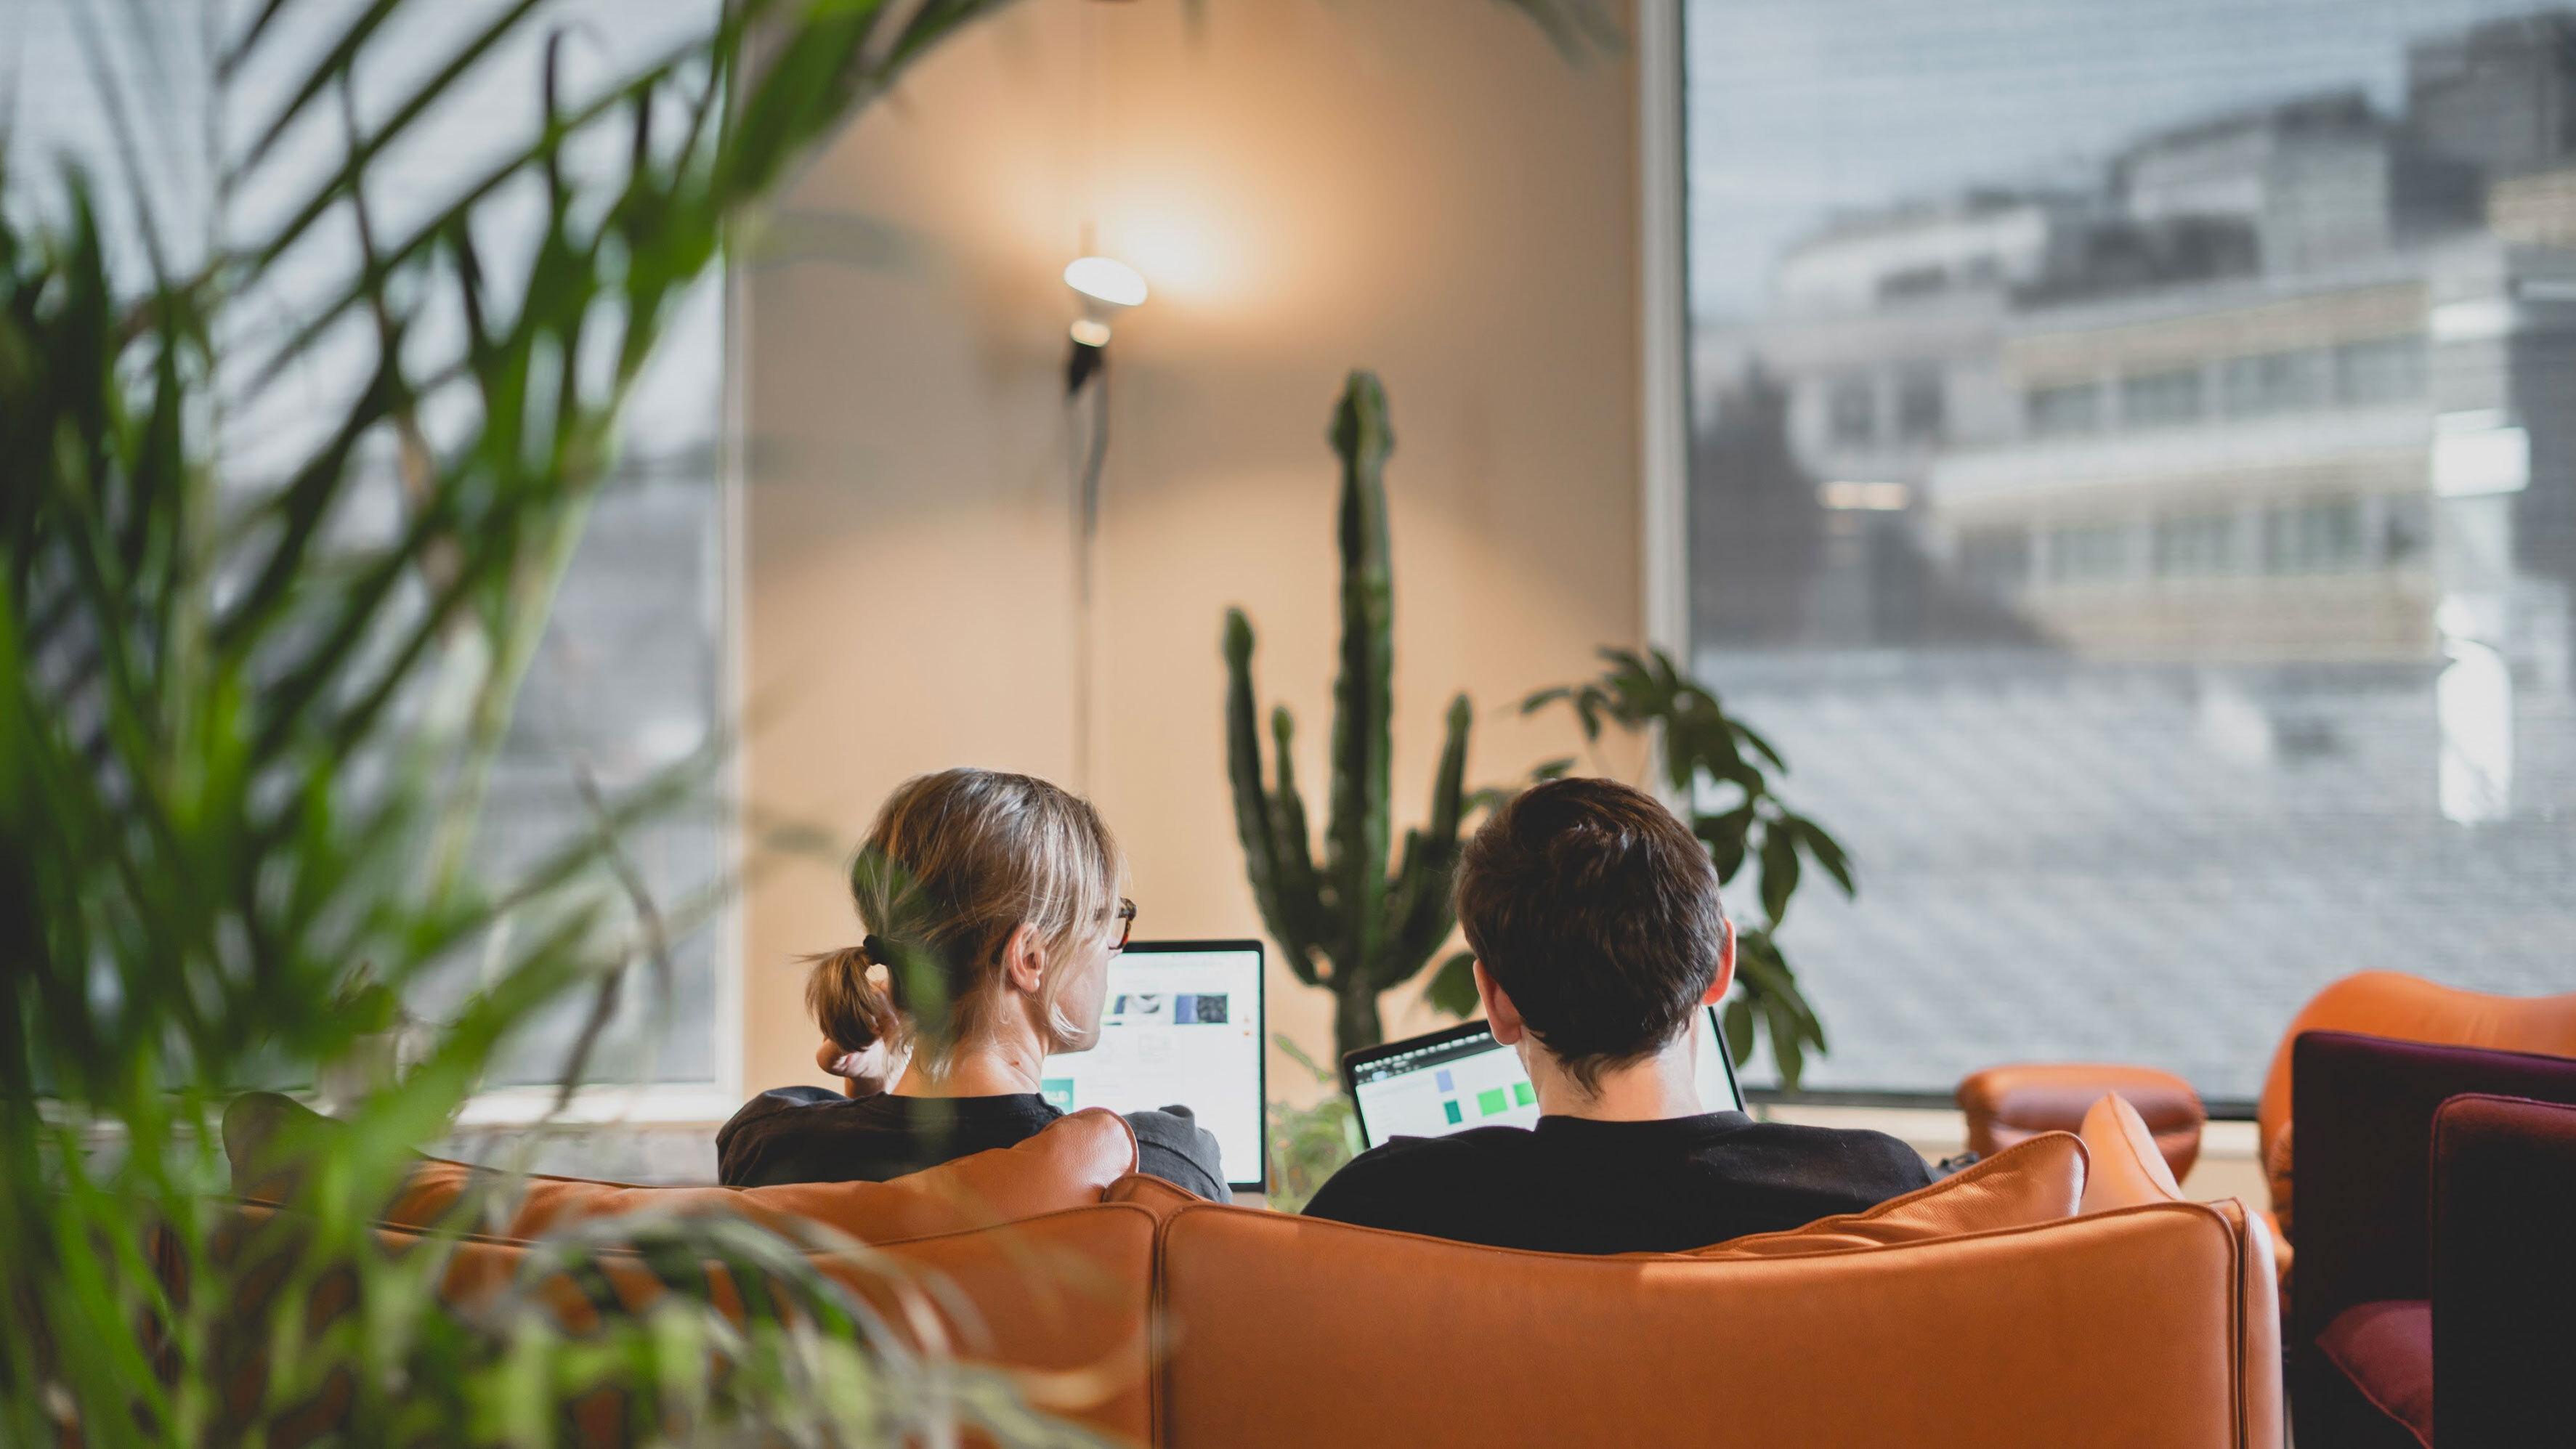 Vi jobber sammen for å løse problemene til kundene våre, gjerne i sofaen på Youngstorget